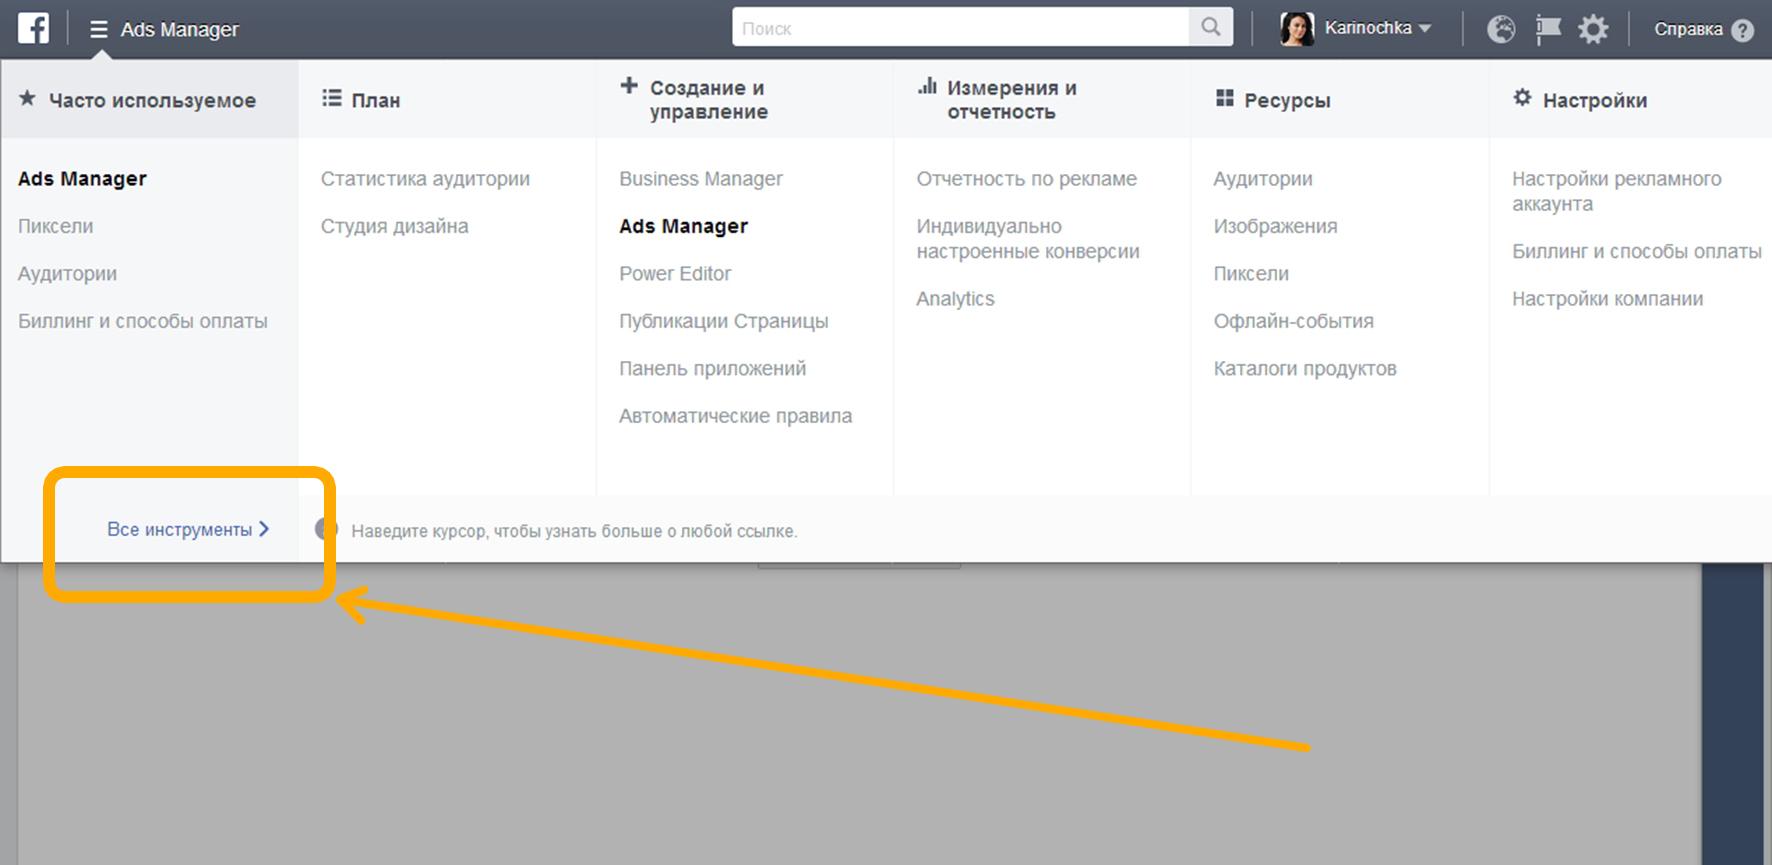 Пояснение и изображение кнопки, на которую нужно нажать пользователю, для открытия пунктов